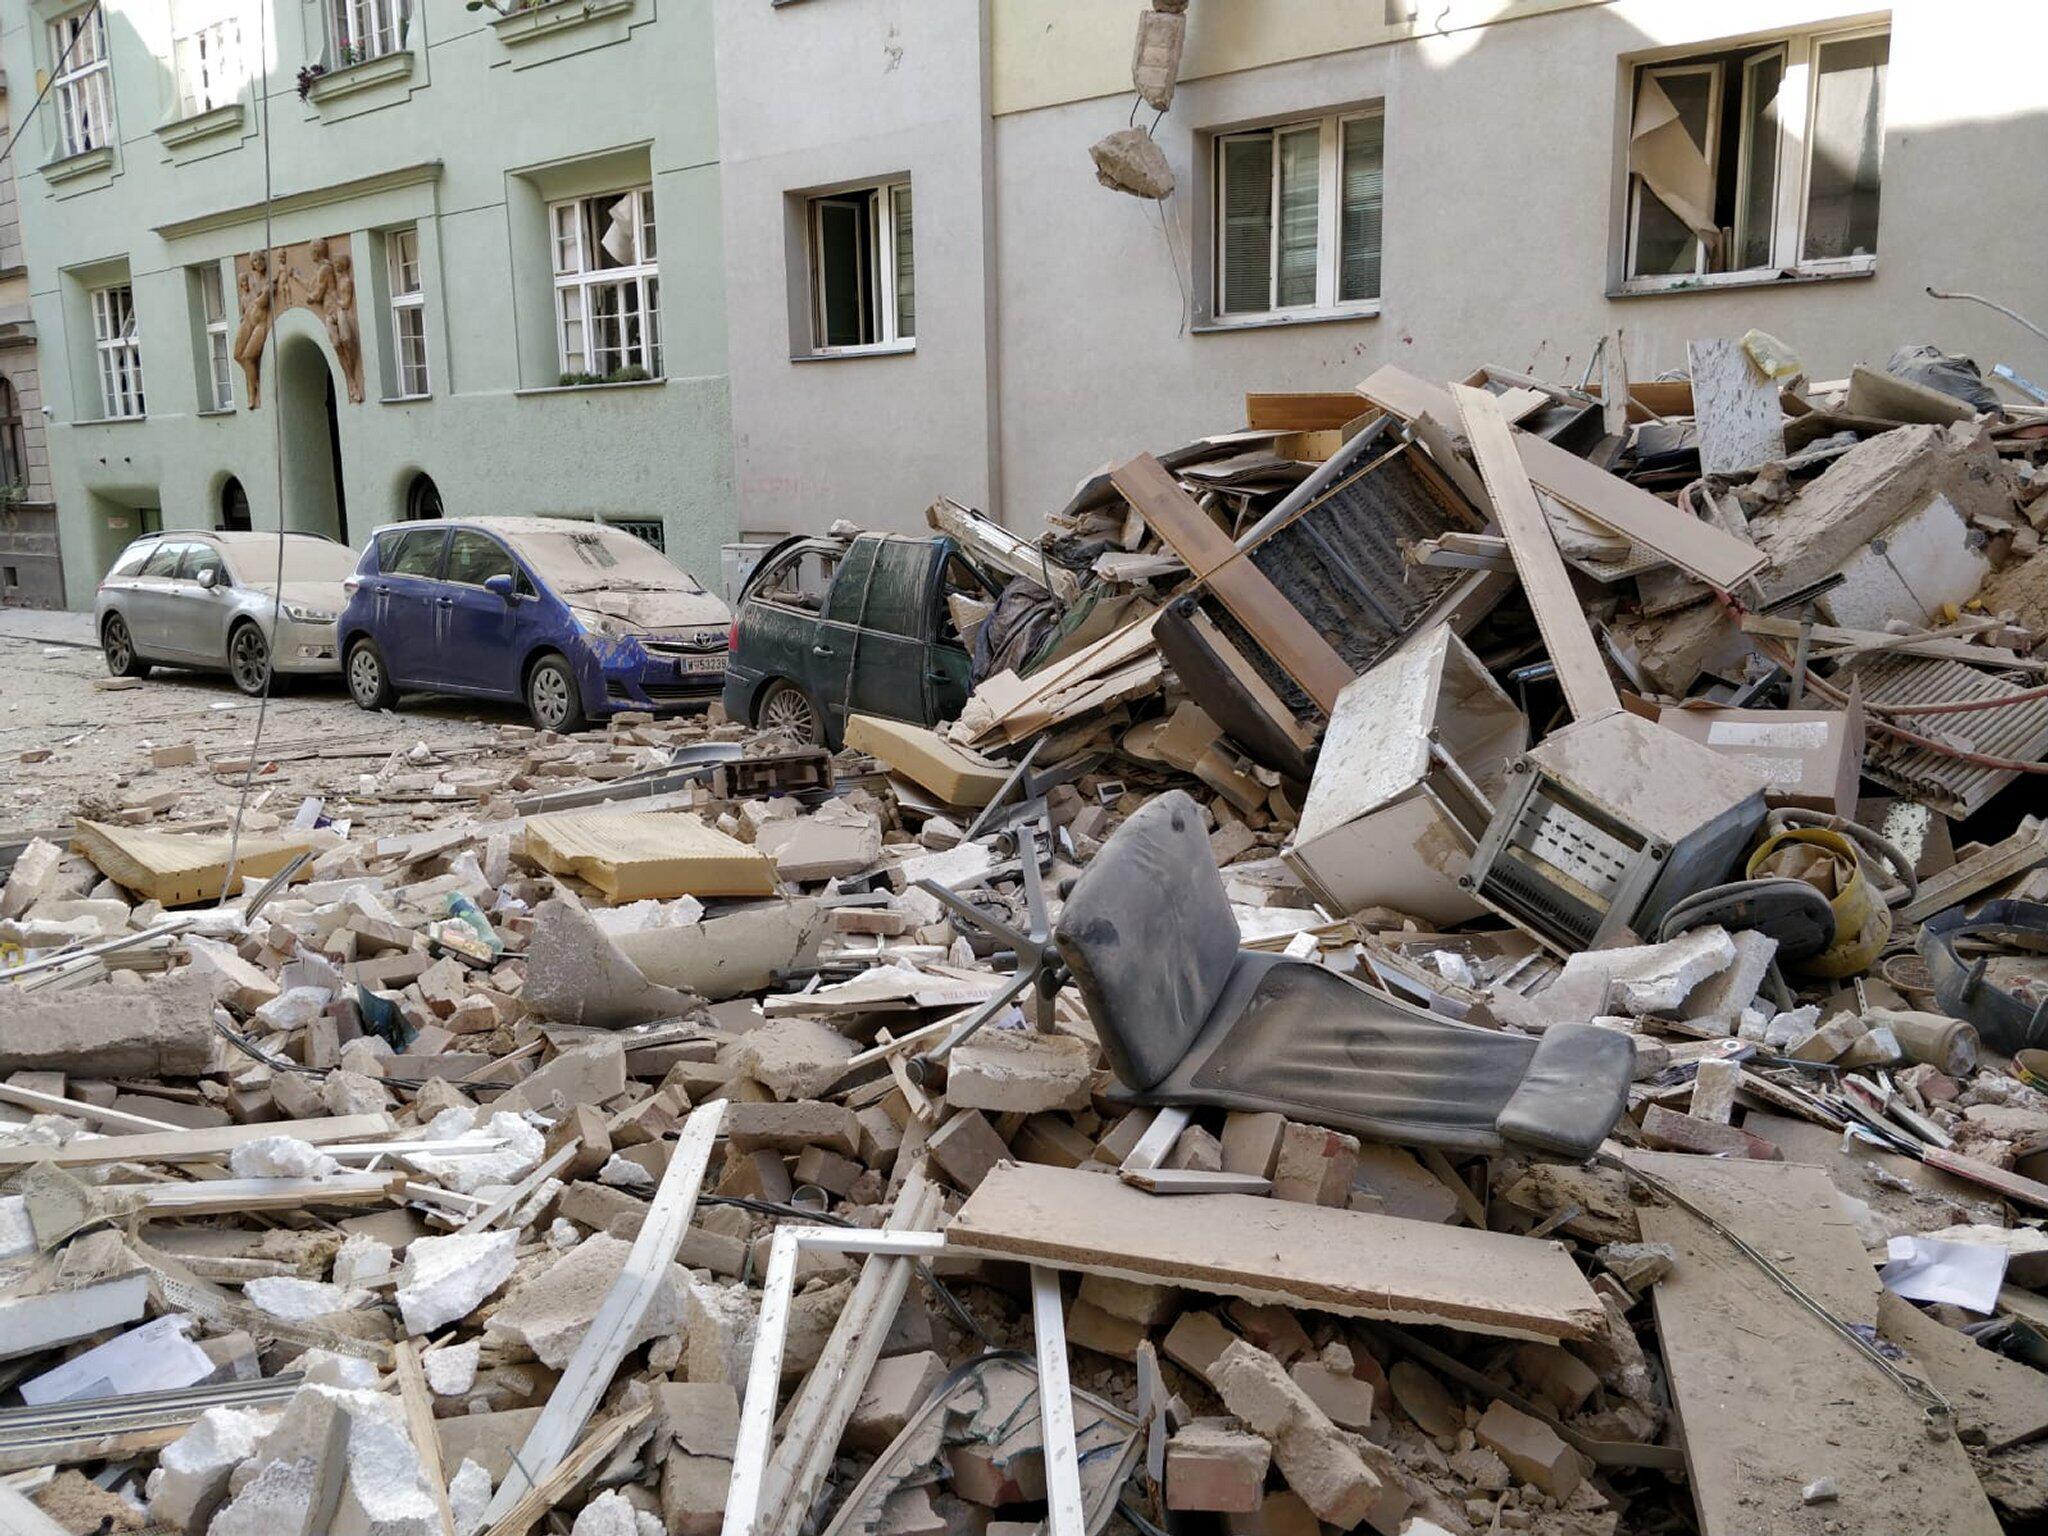 Bild zu Mehrfamilienhaus in Wien nach Explosion teilweise eingestürzt